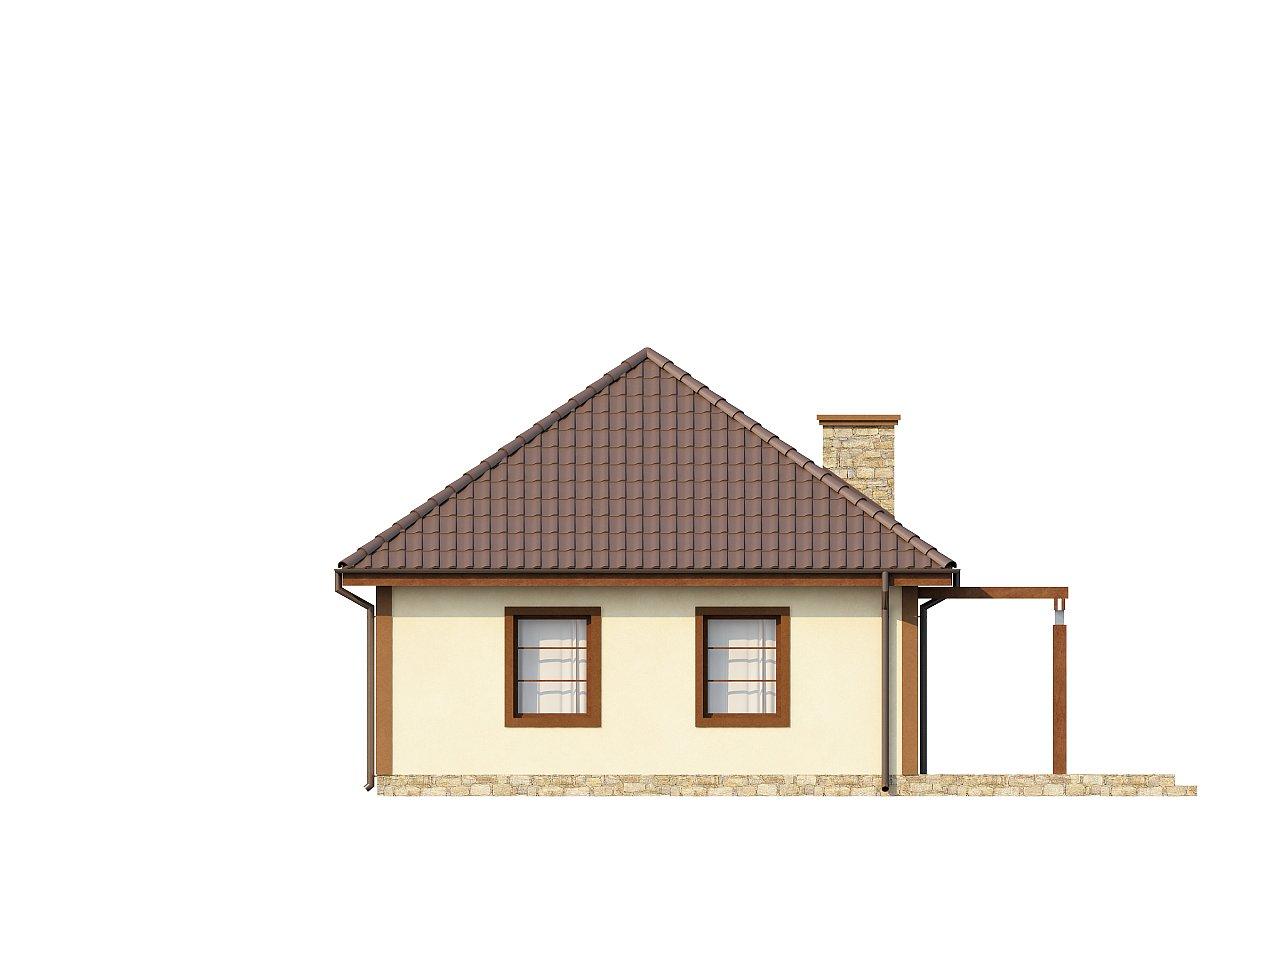 Проект маленького уютного дома с функциональной планировкой. Оснащен всем необходимым для постоянного проживания. - фото 5